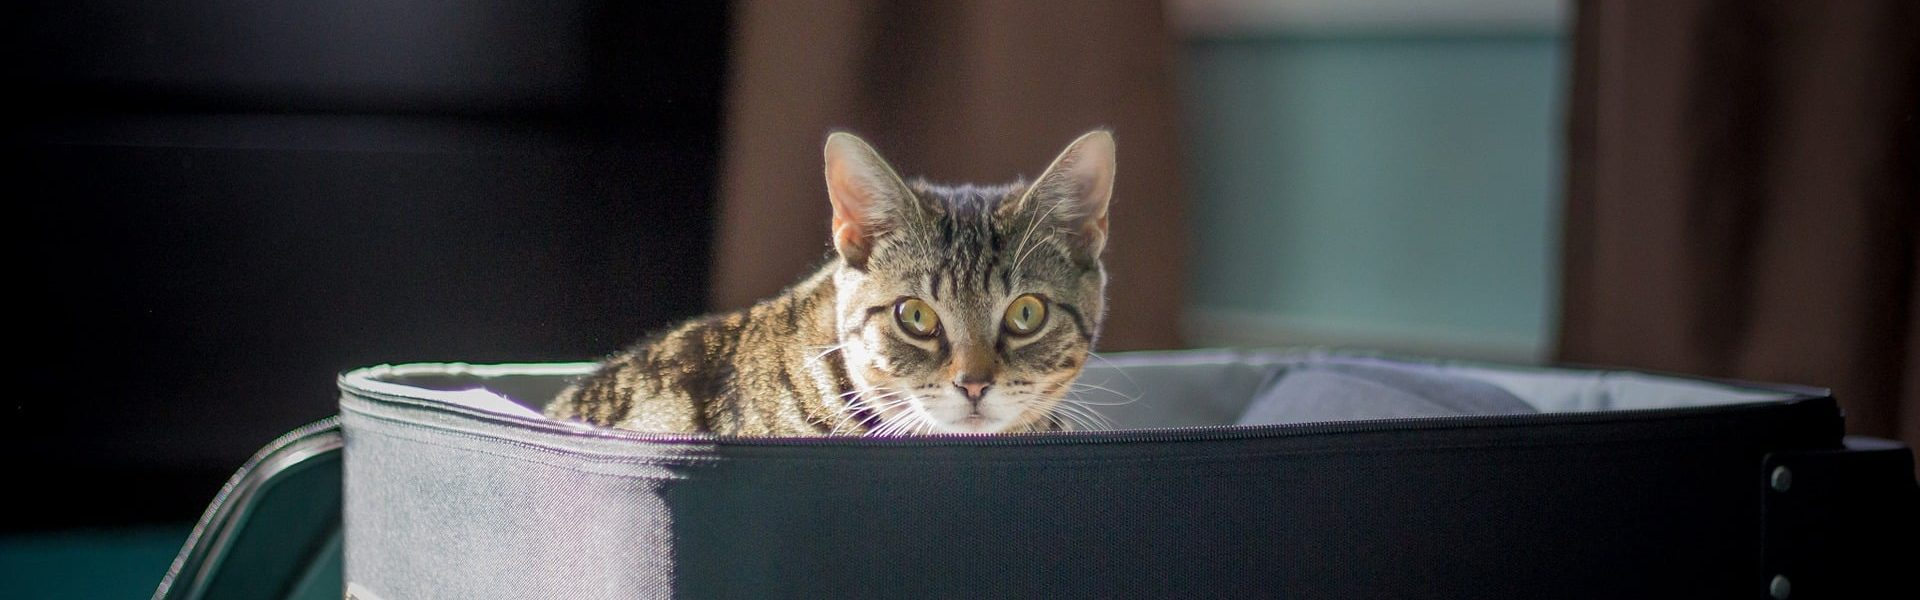 Cat sitting in suitcase